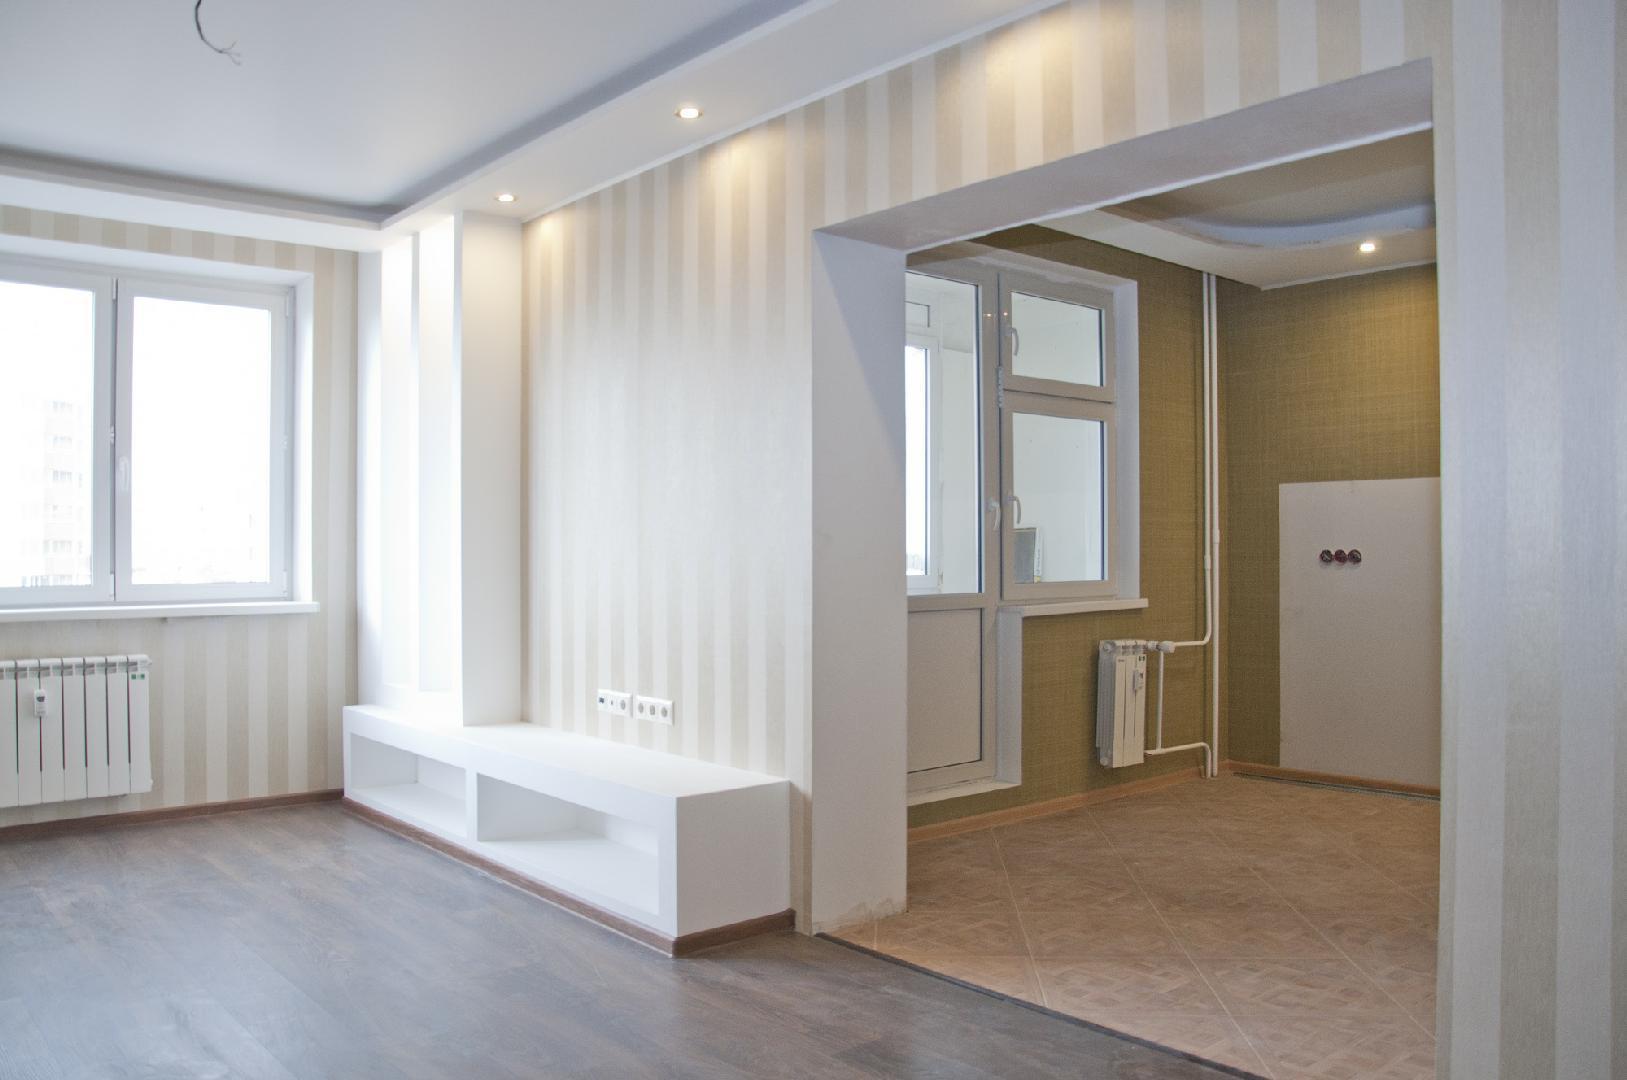 Стоимость ремонта квартиры в новостройке